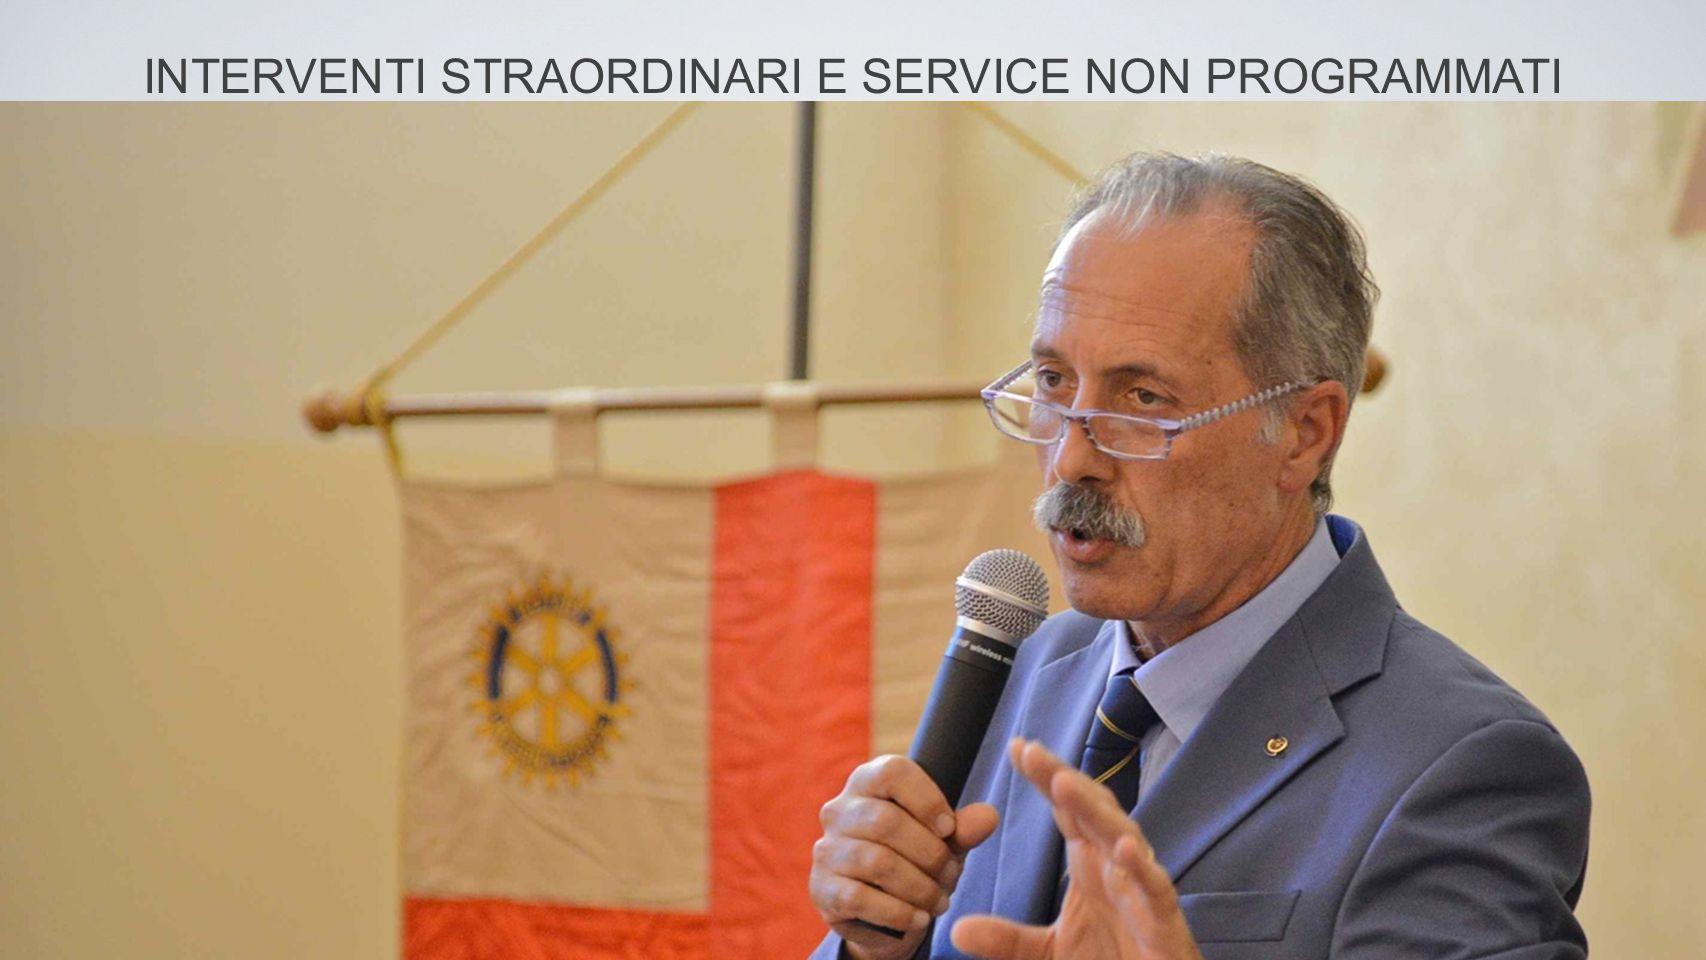 INTERVENTI STRAORDINARI E SERVICE NON PROGRAMMATI